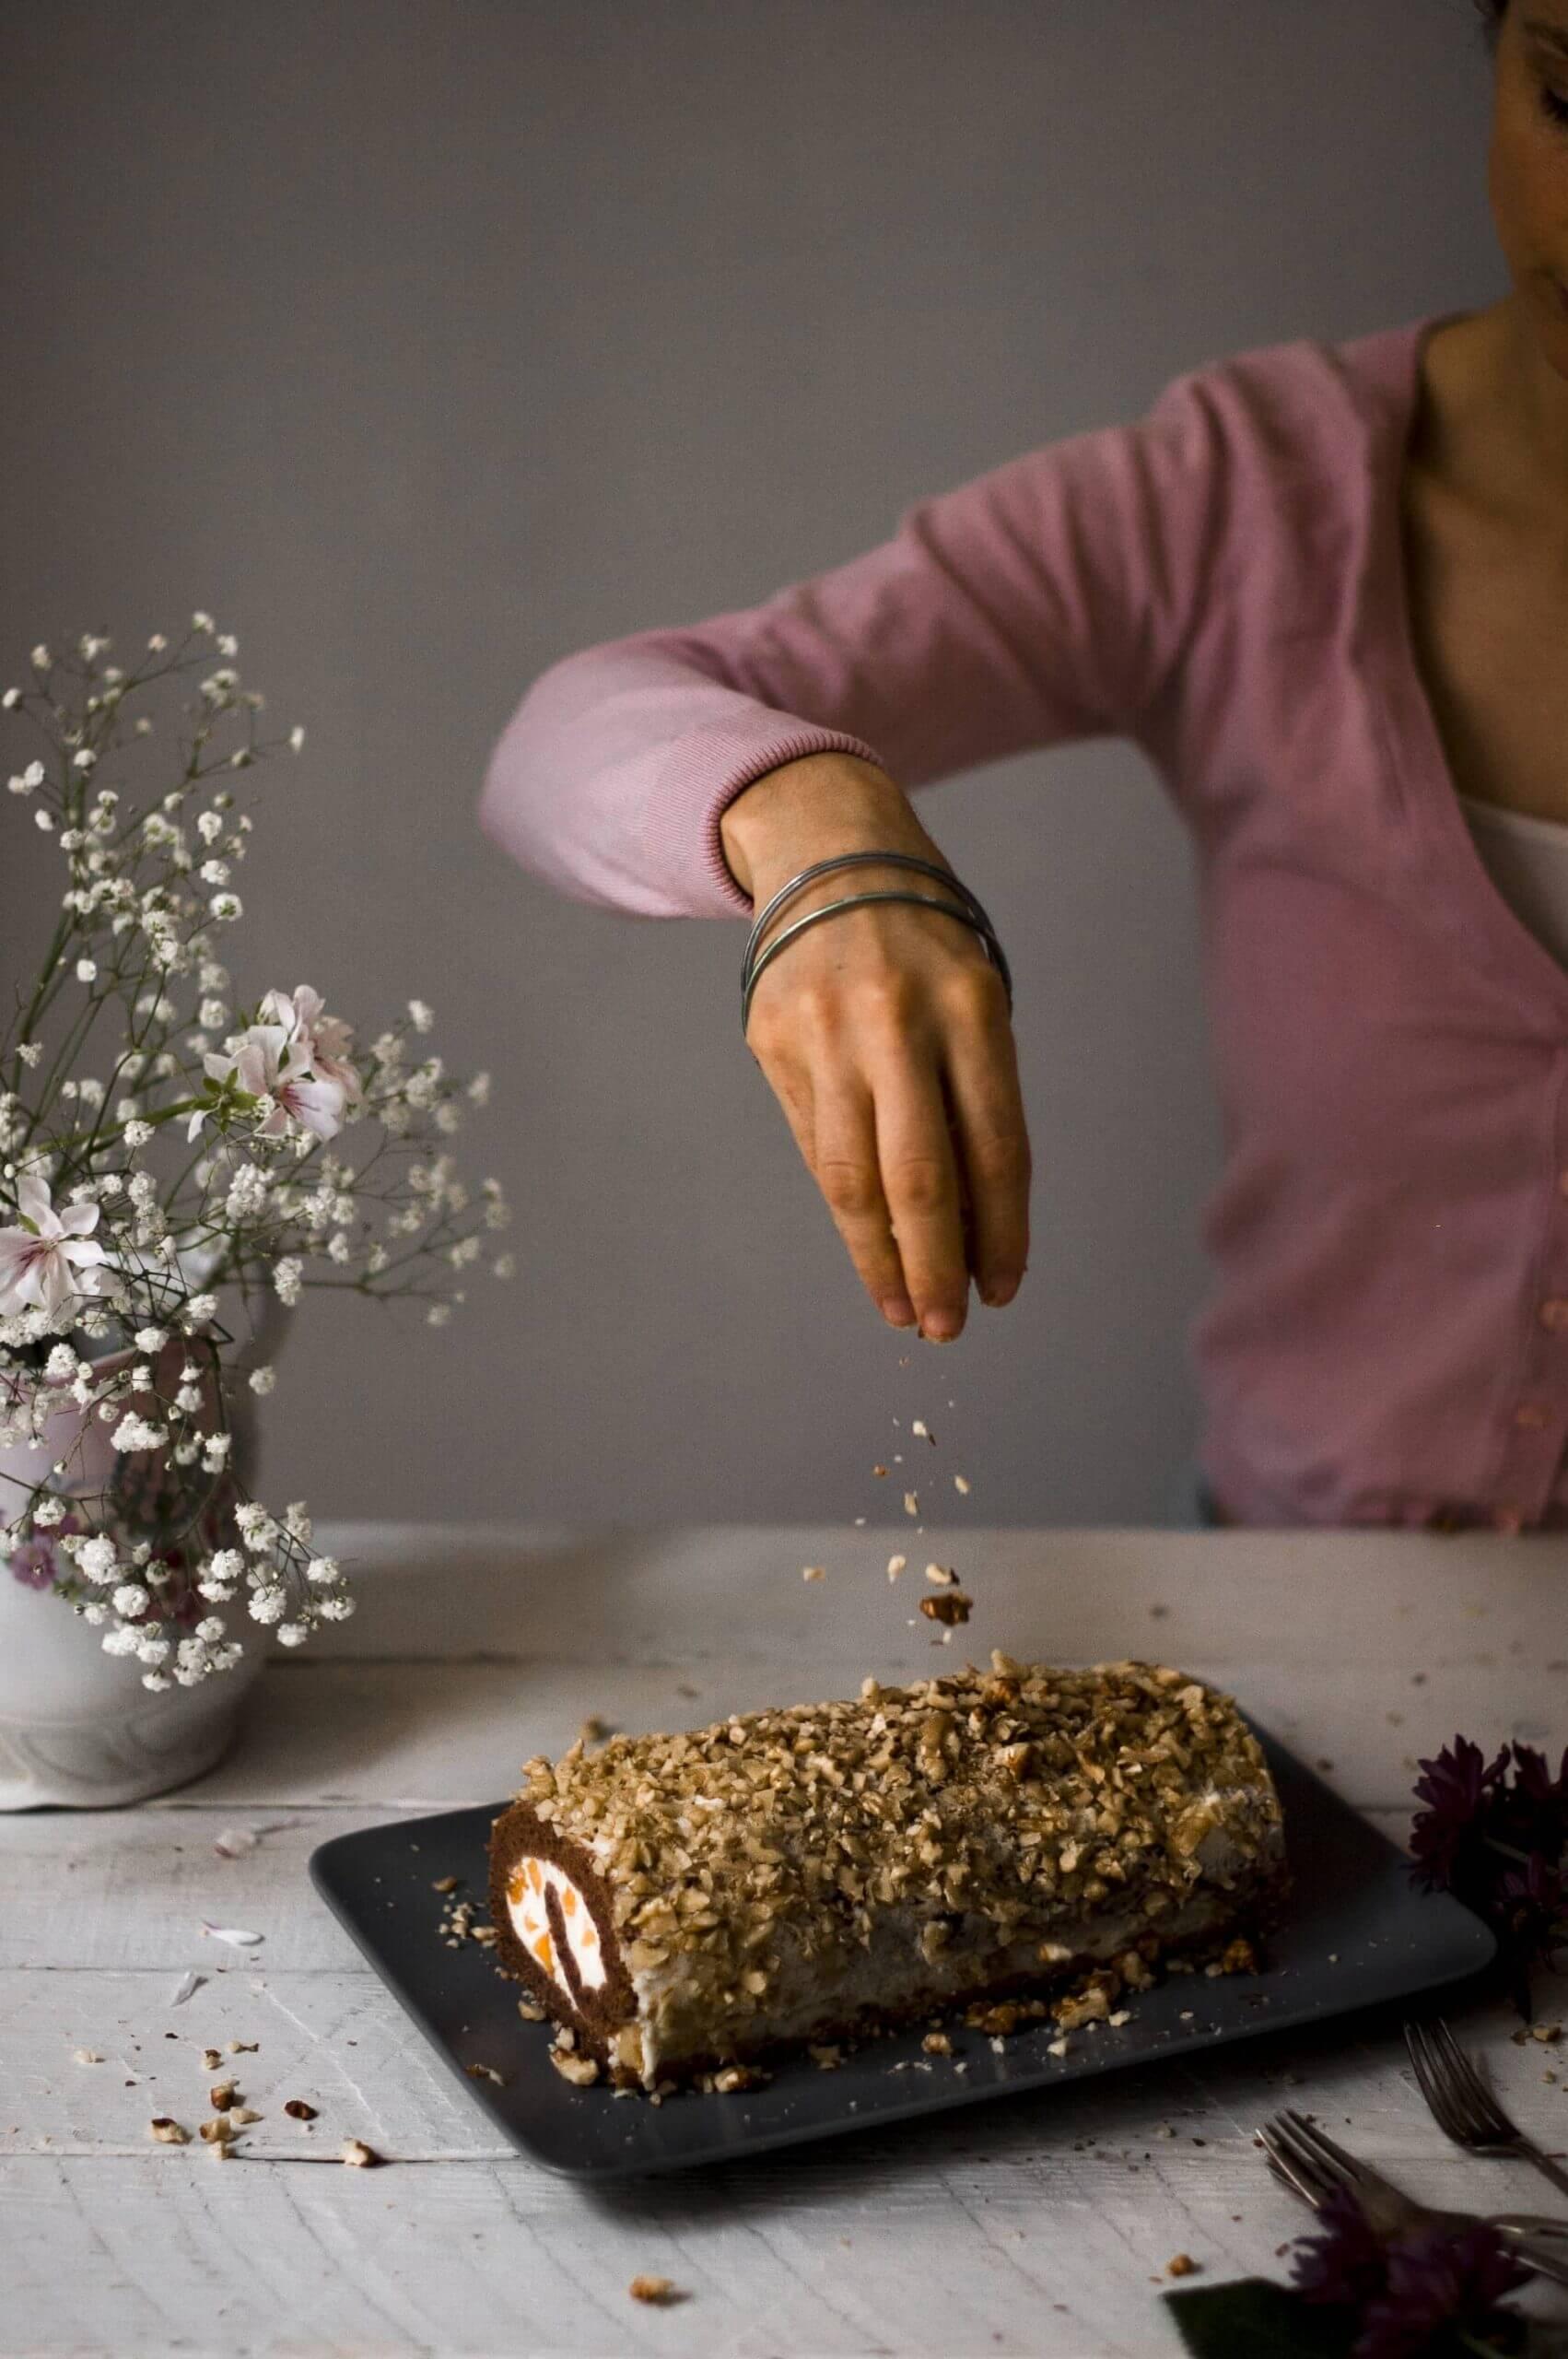 como hacer brazo de gitano de nueces y crema de chocolate blanco y melocoton casero